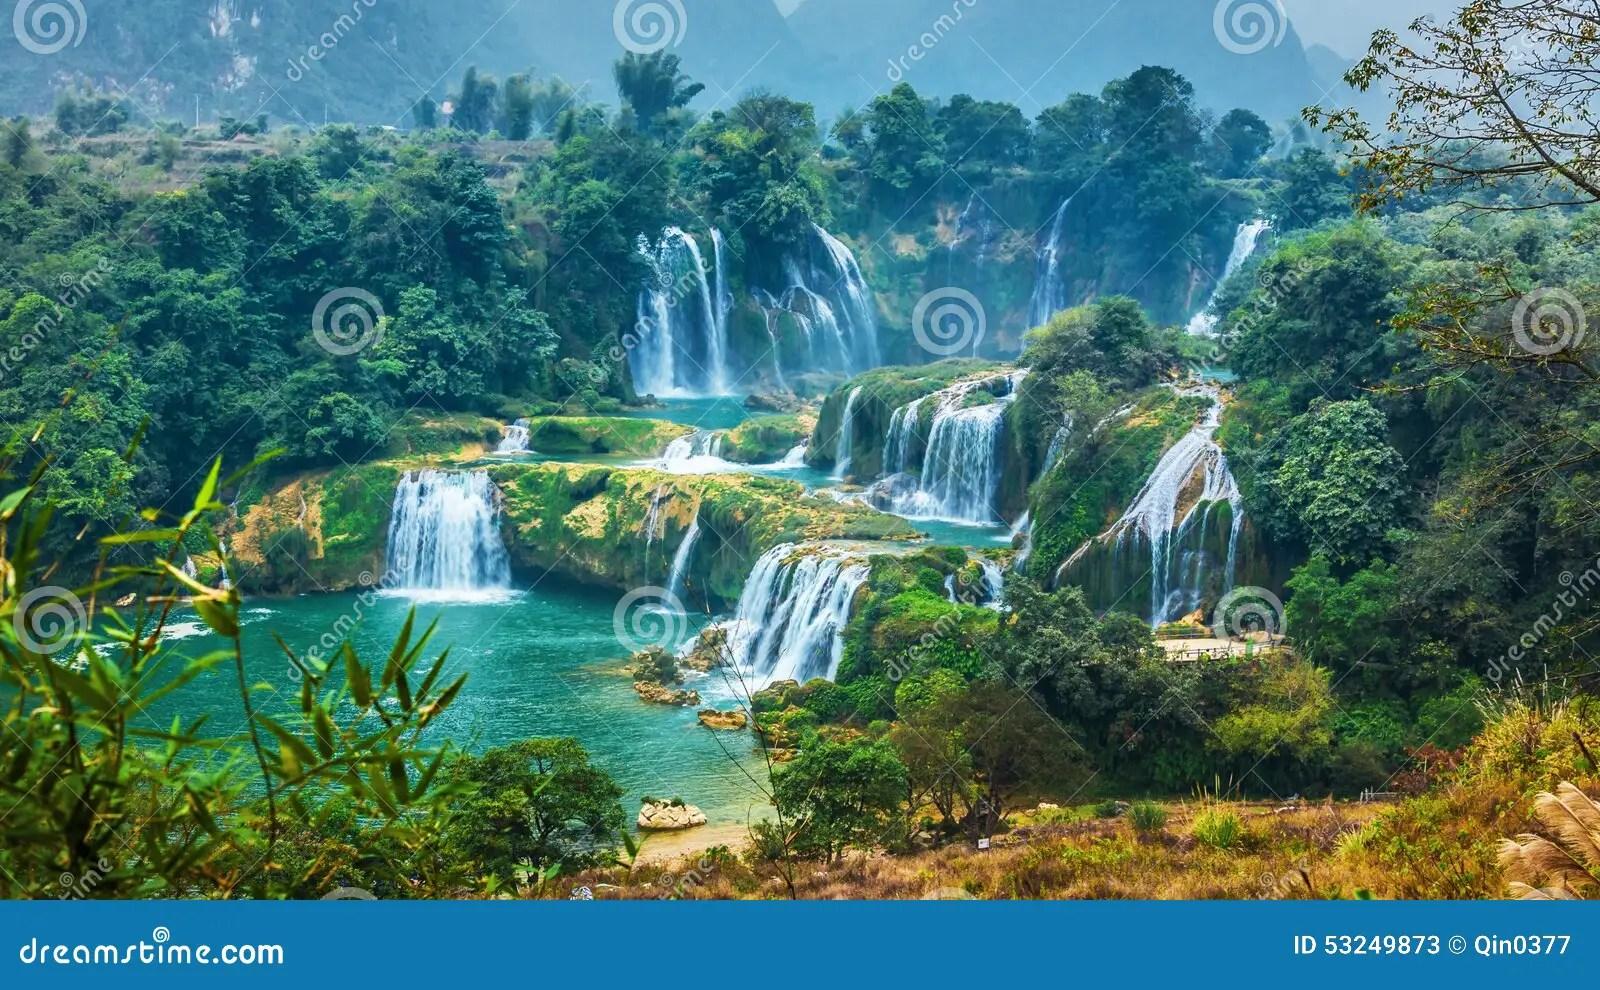 Niagara Falls Wallpaper Free Download Detian Waterfall In China Changbai Mountain Waterfalls In